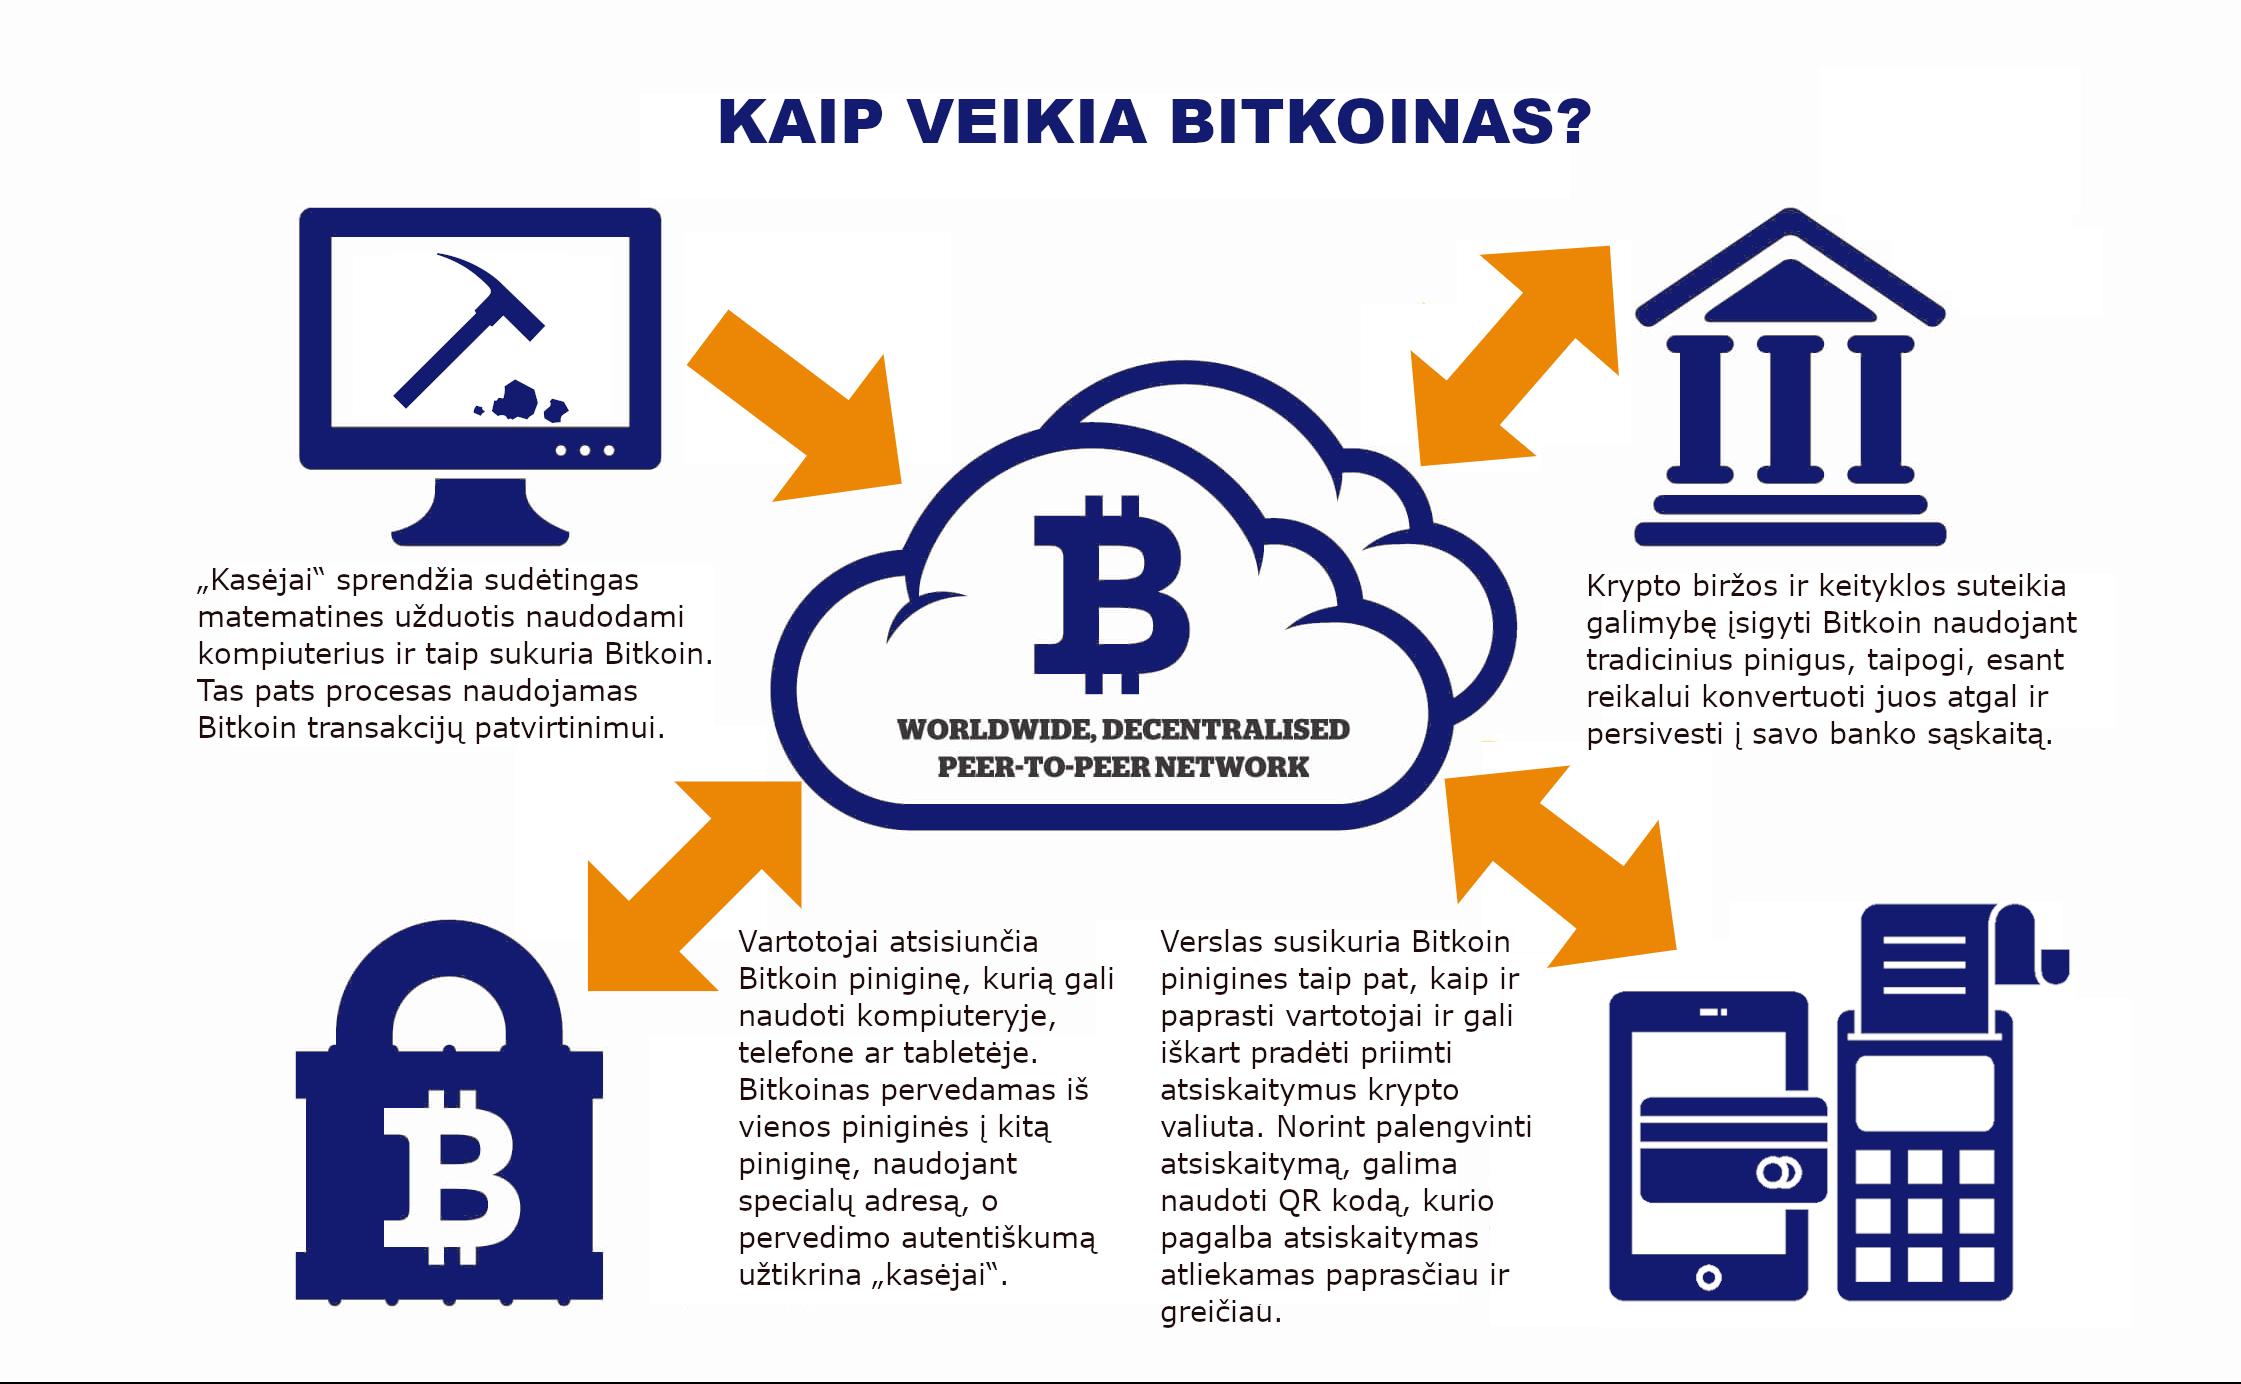 investuoti kada į bitkoiną